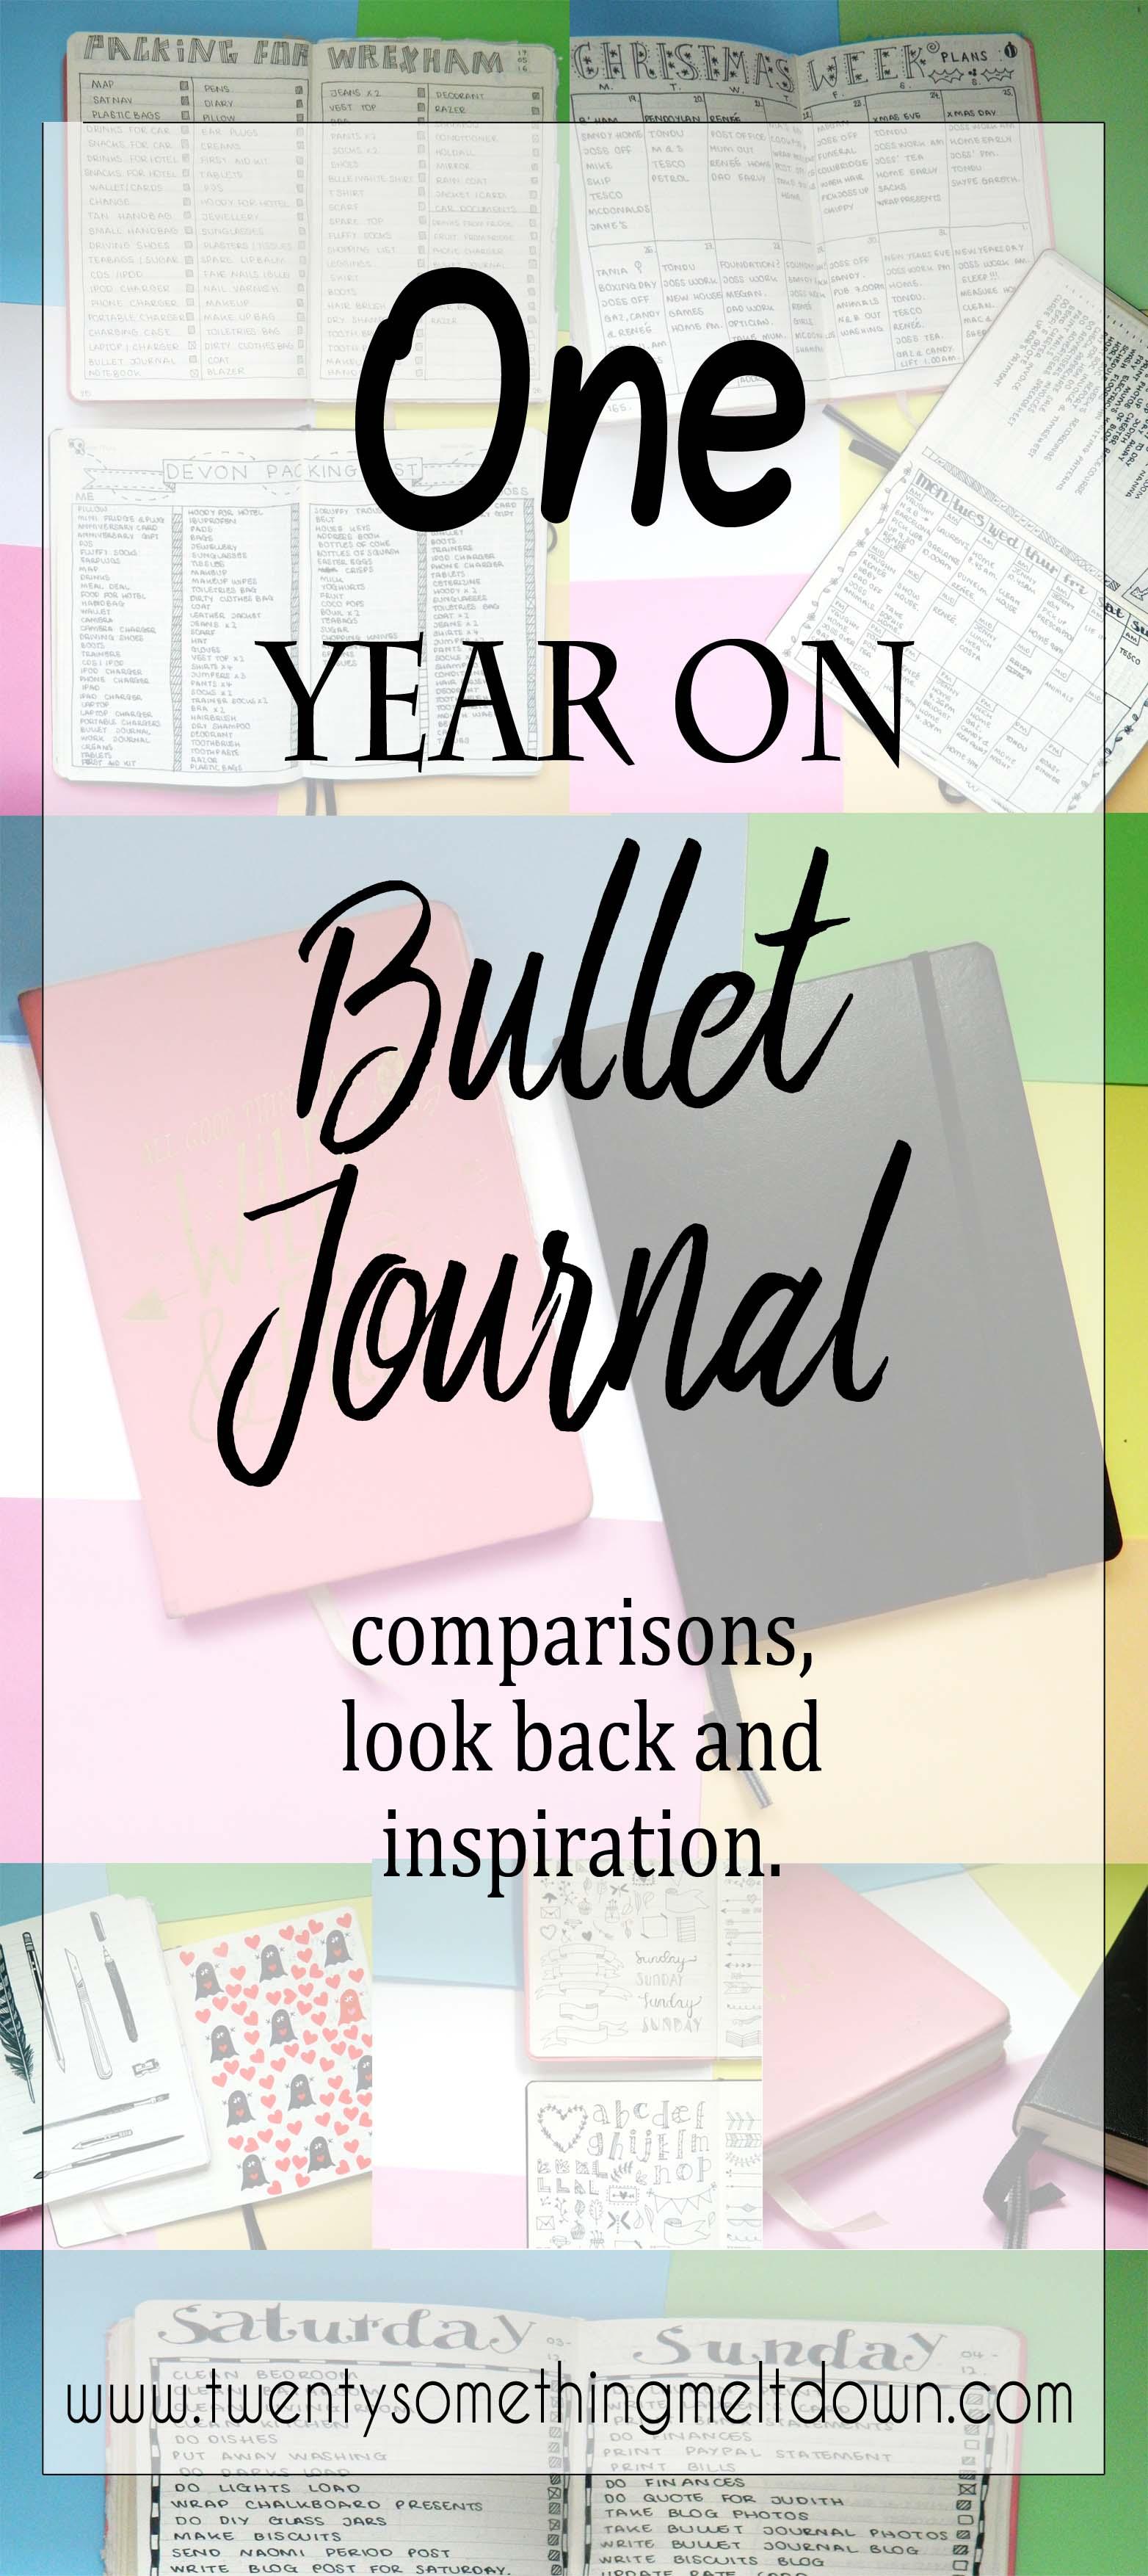 bulletjournalcomparison.jpg